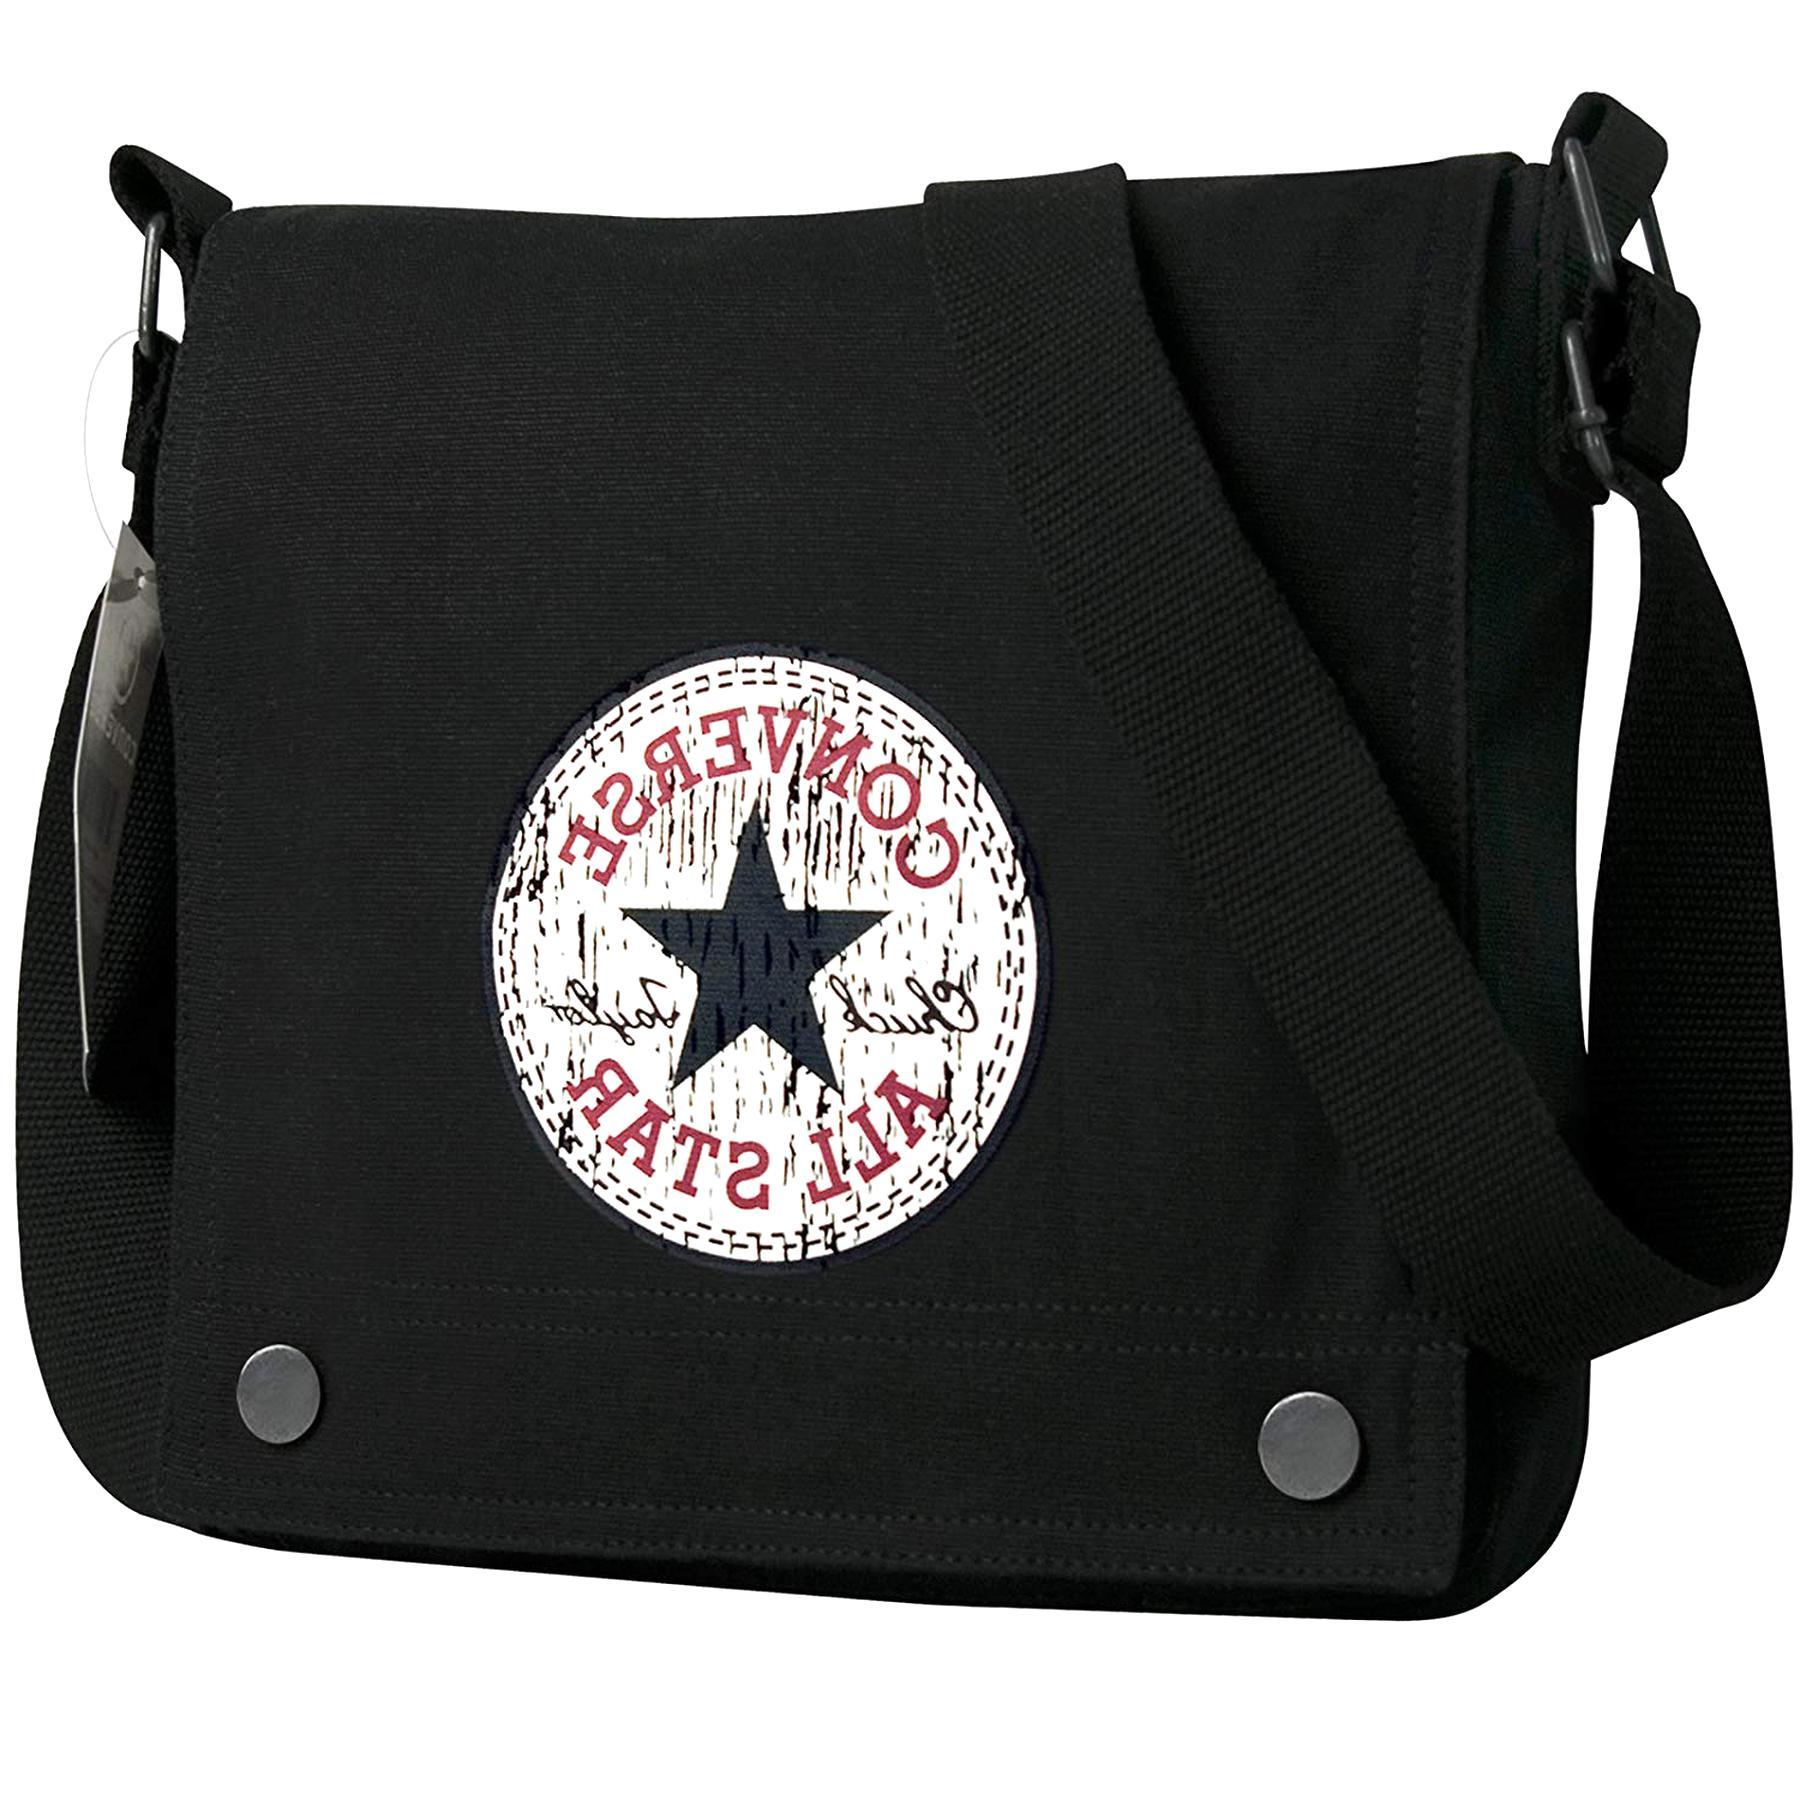 converse handtasche gebraucht kaufen